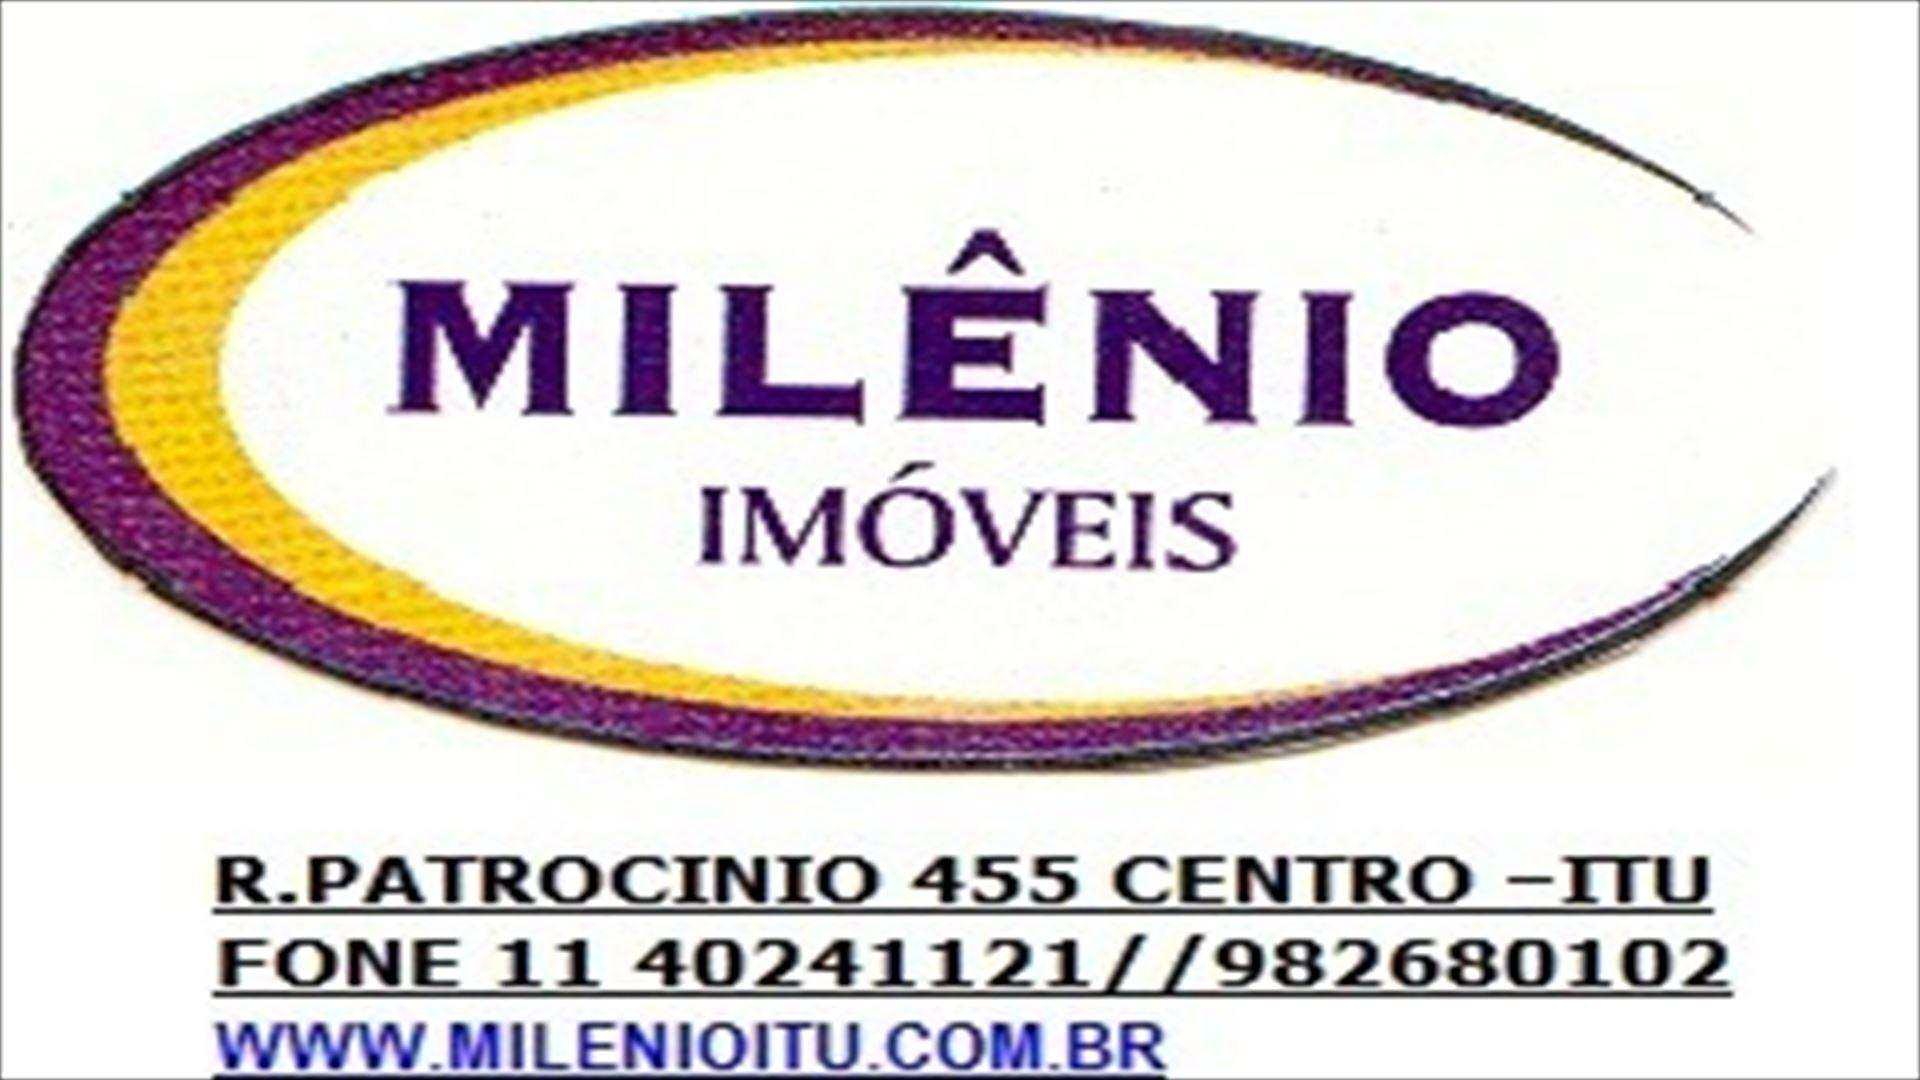 167600-LOGO_TIPO_MILENIO1.jpg